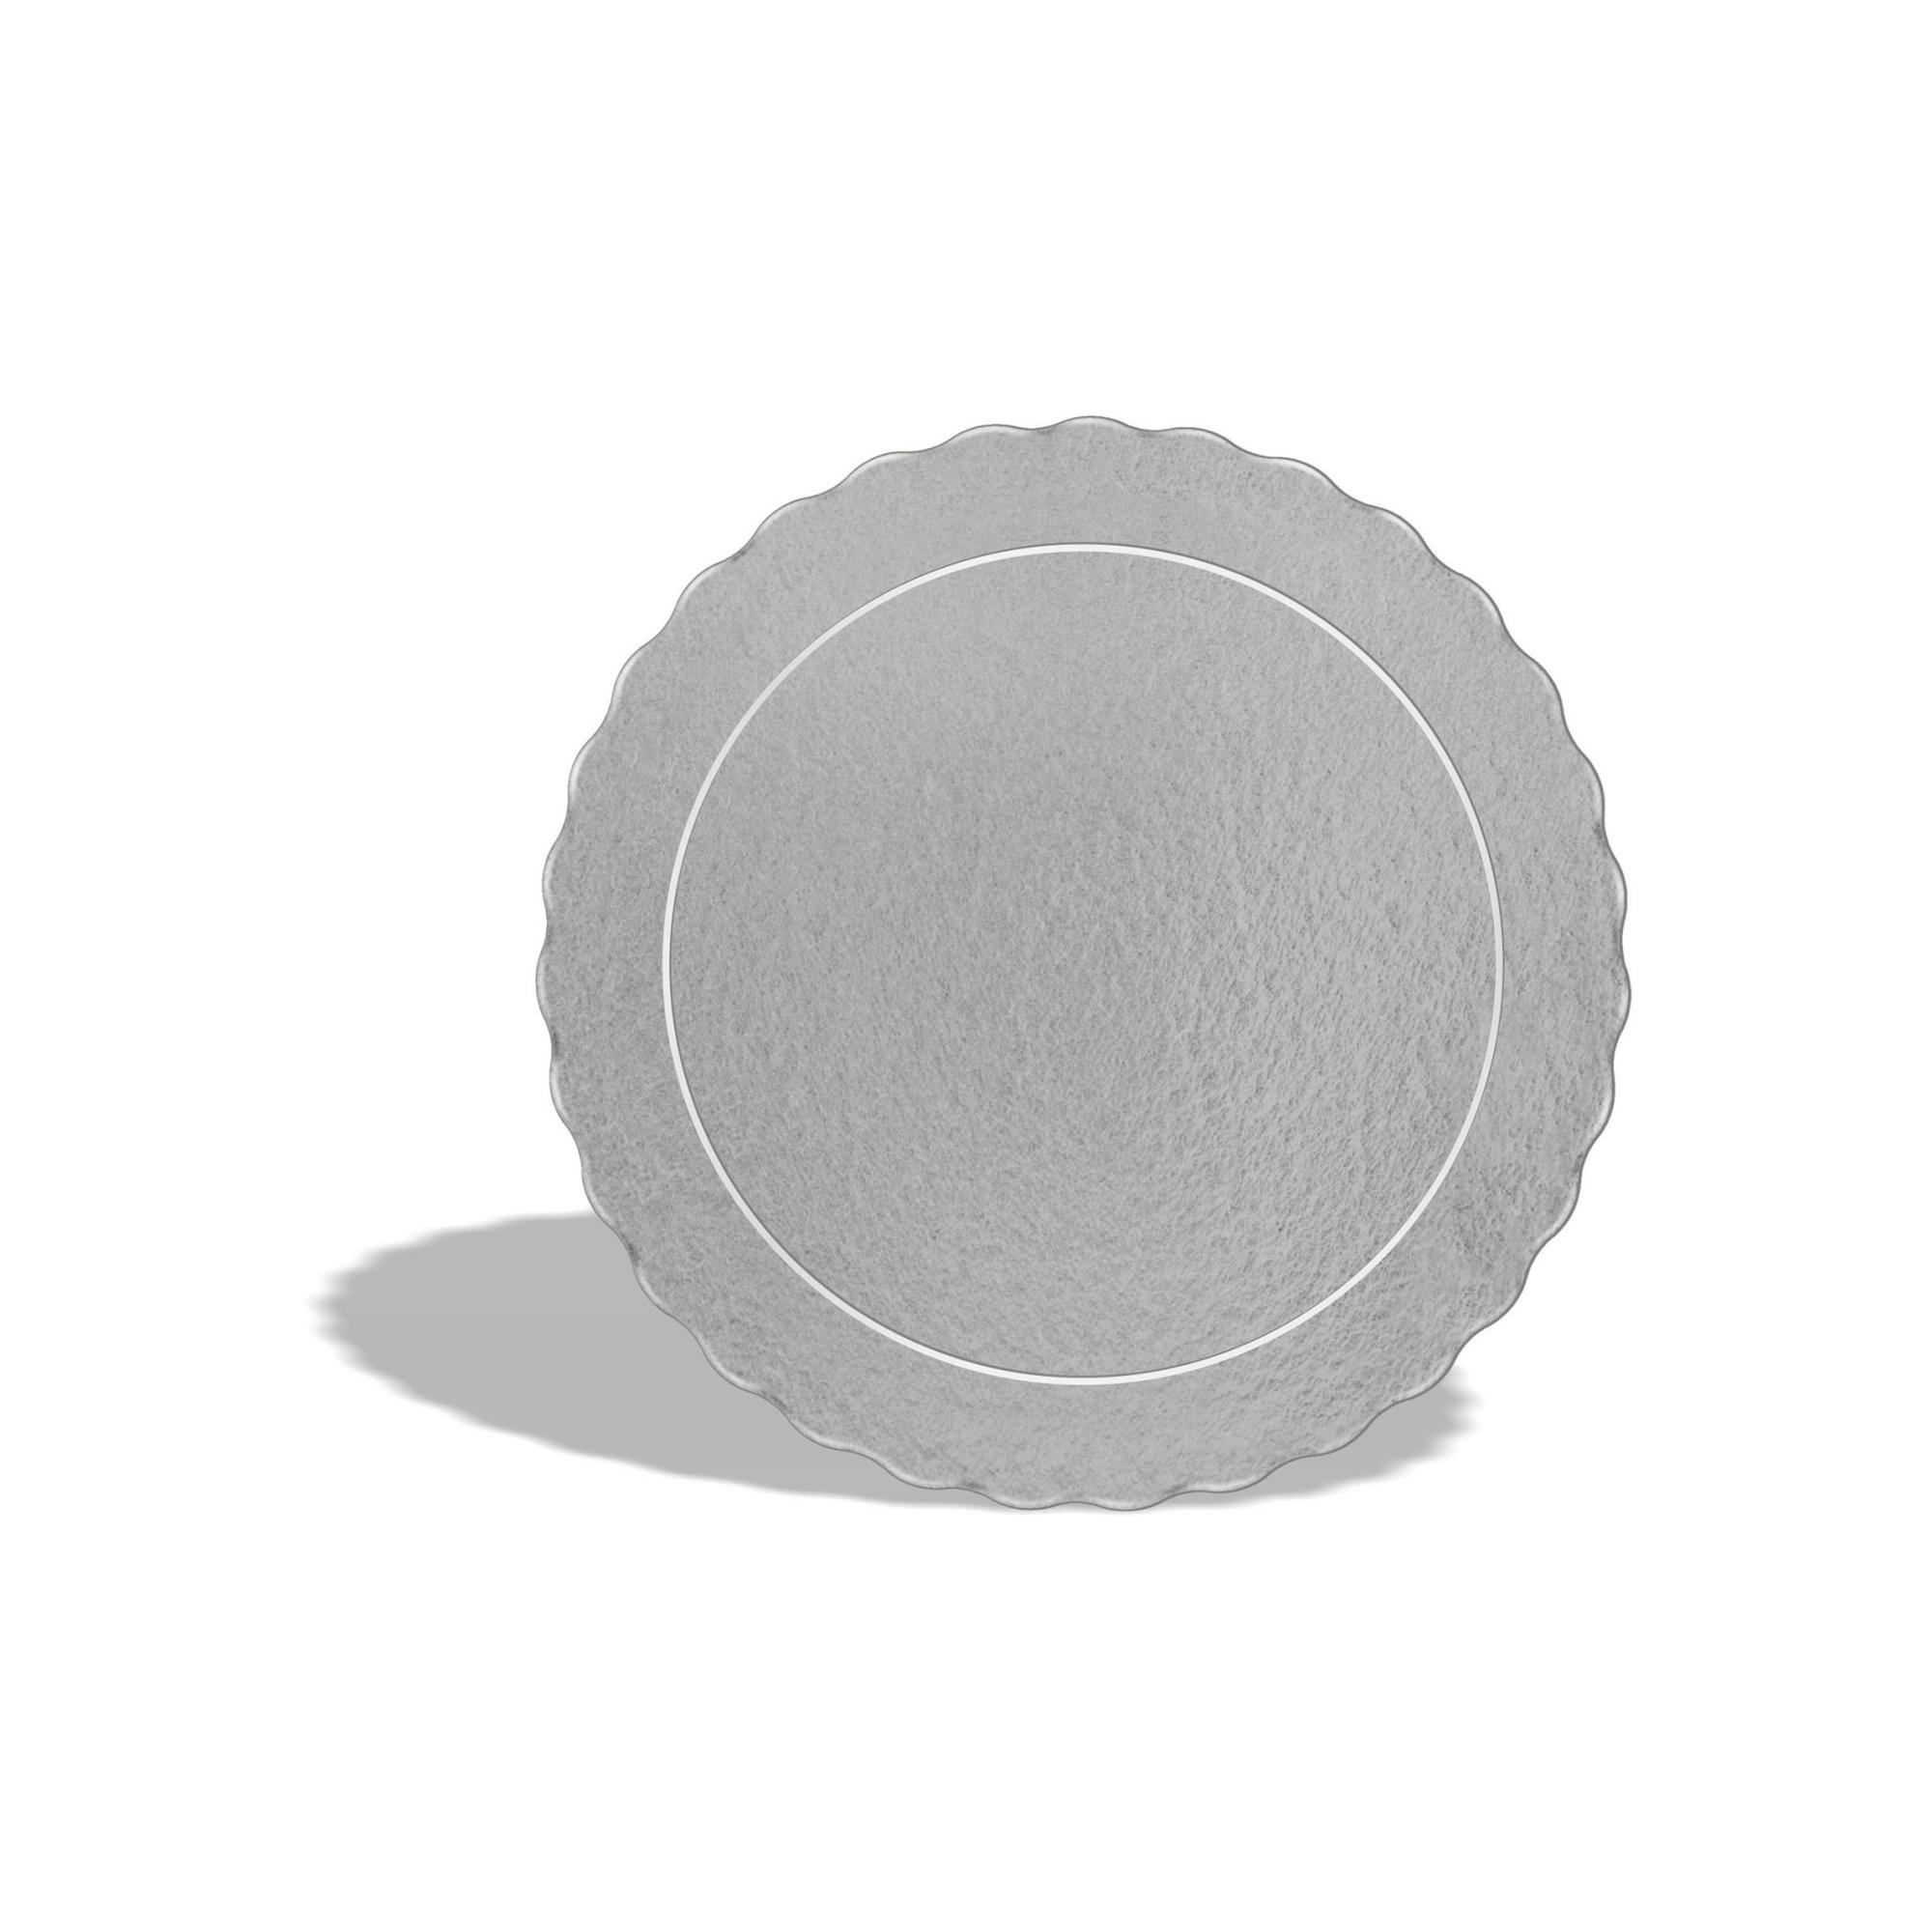 100 Bases Laminadas Para Bolo Redondo, Cake Board 20cm - Prata